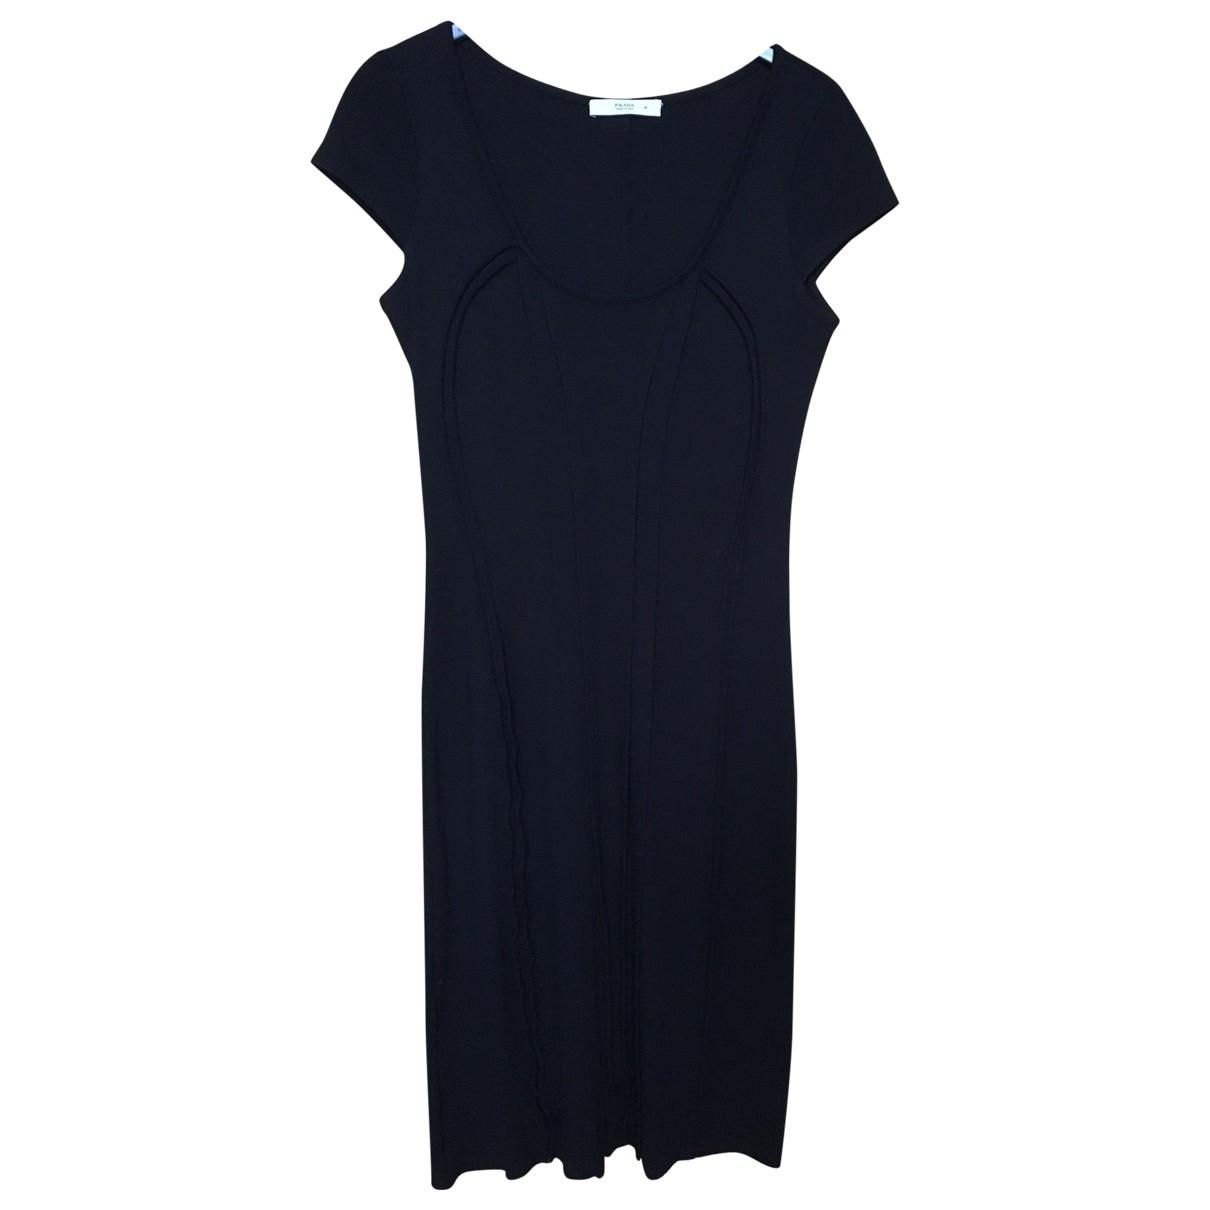 Prada \N Kleid in  Schwarz Baumwolle - Elasthan